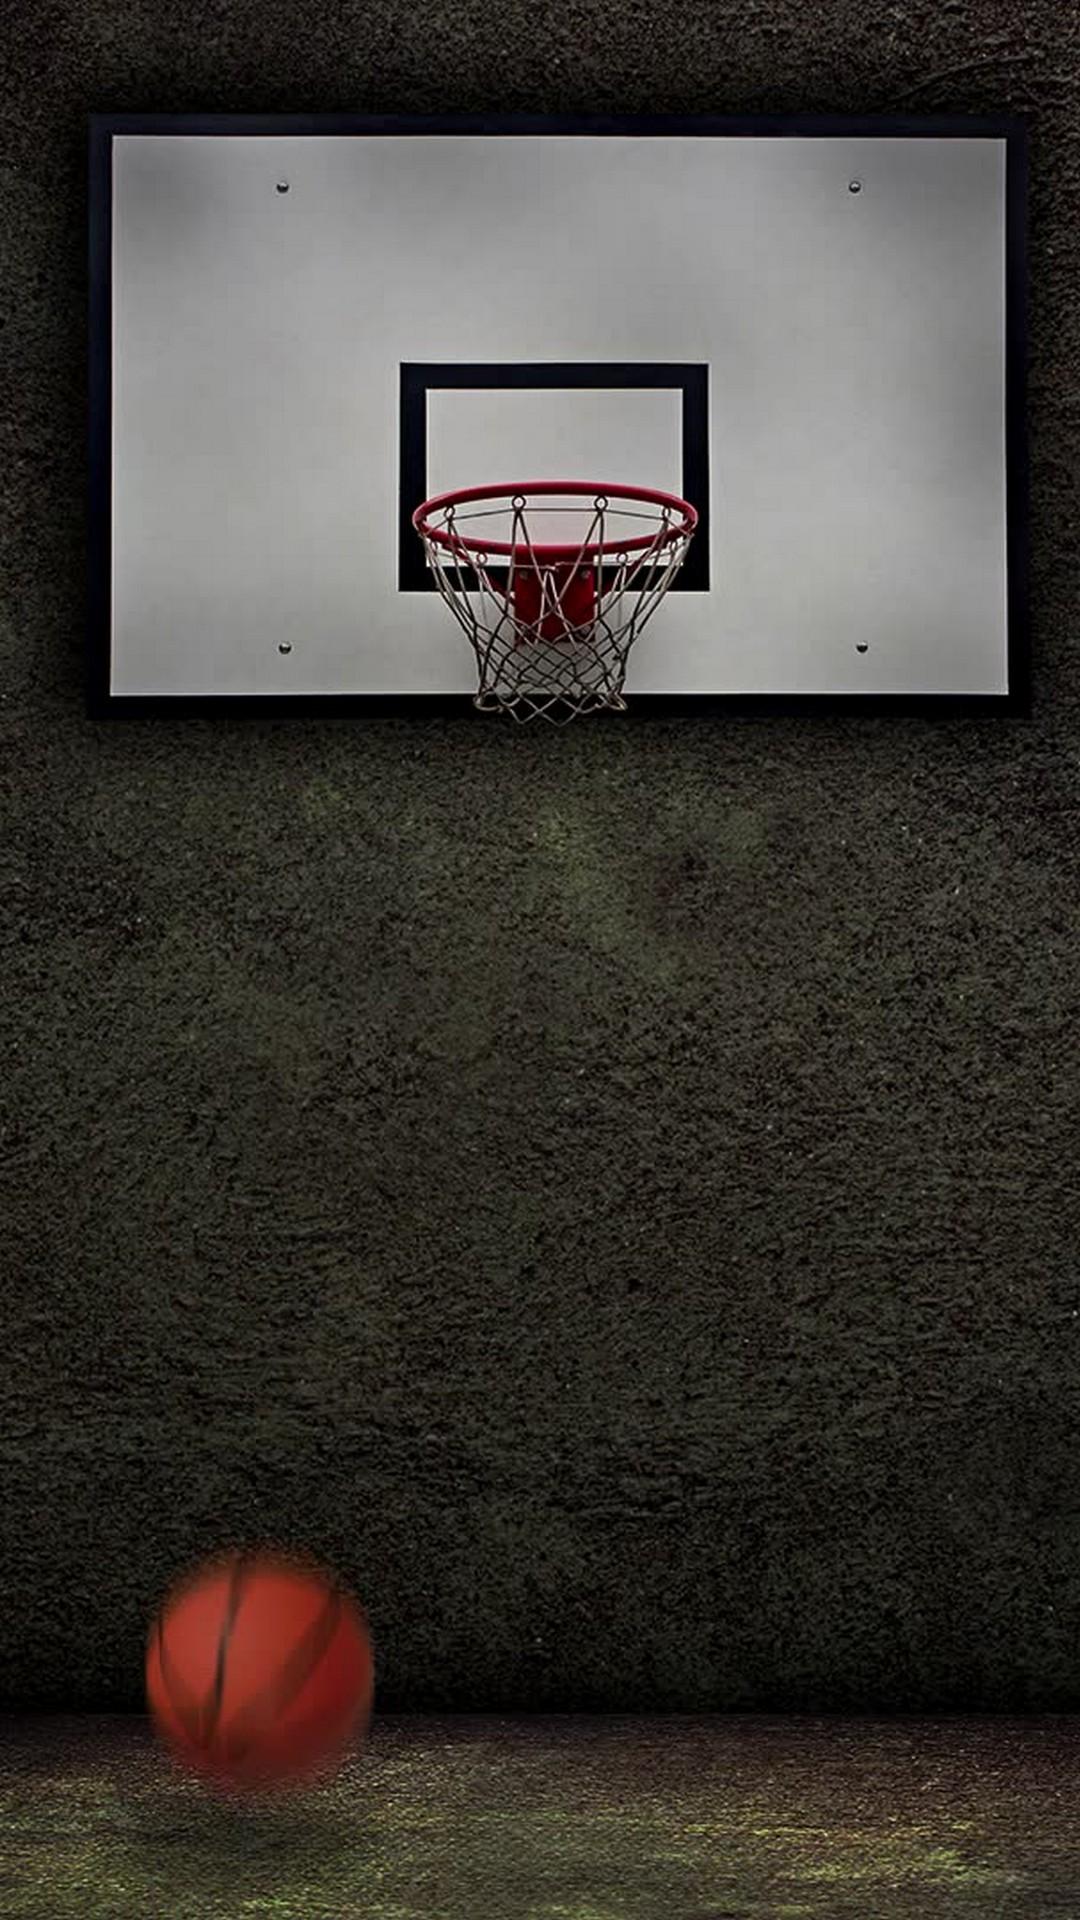 NBA Basketball Wallpaper iPhone HD 2020 Basketball Wallpaper 1080x1920